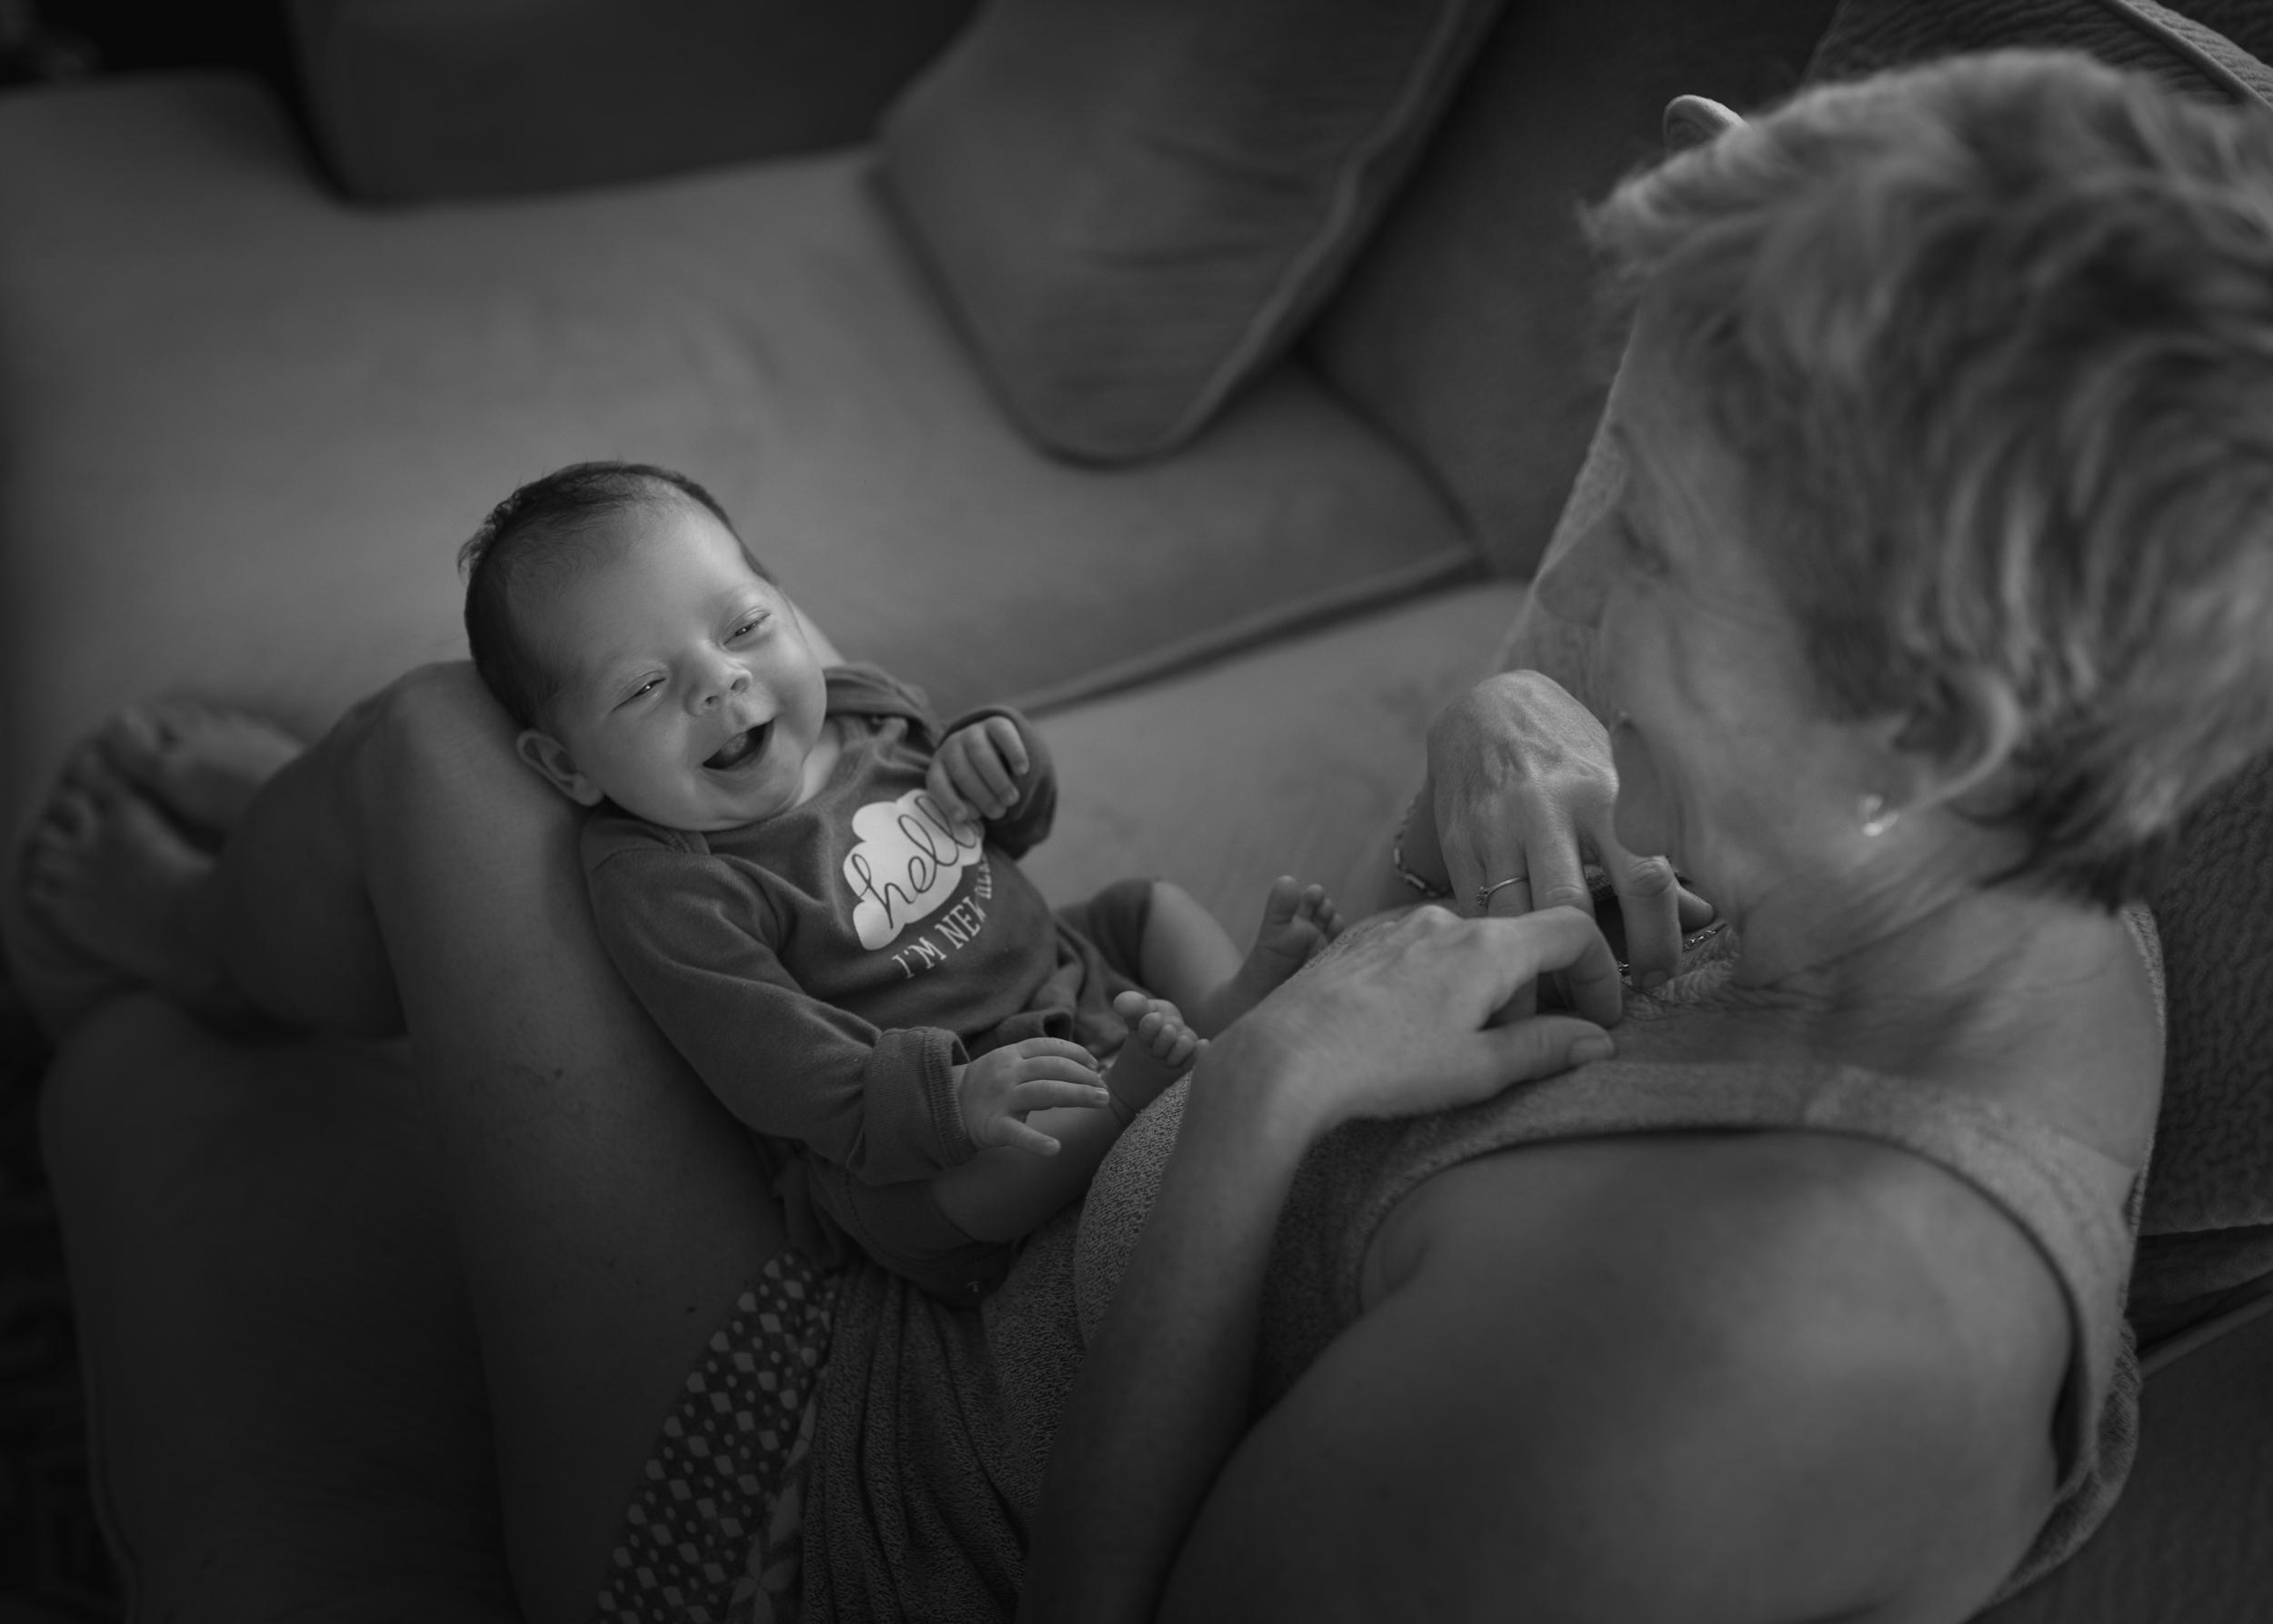 newborn-baby-meeting-grandma-guam-document-photography-roxanne-augusta